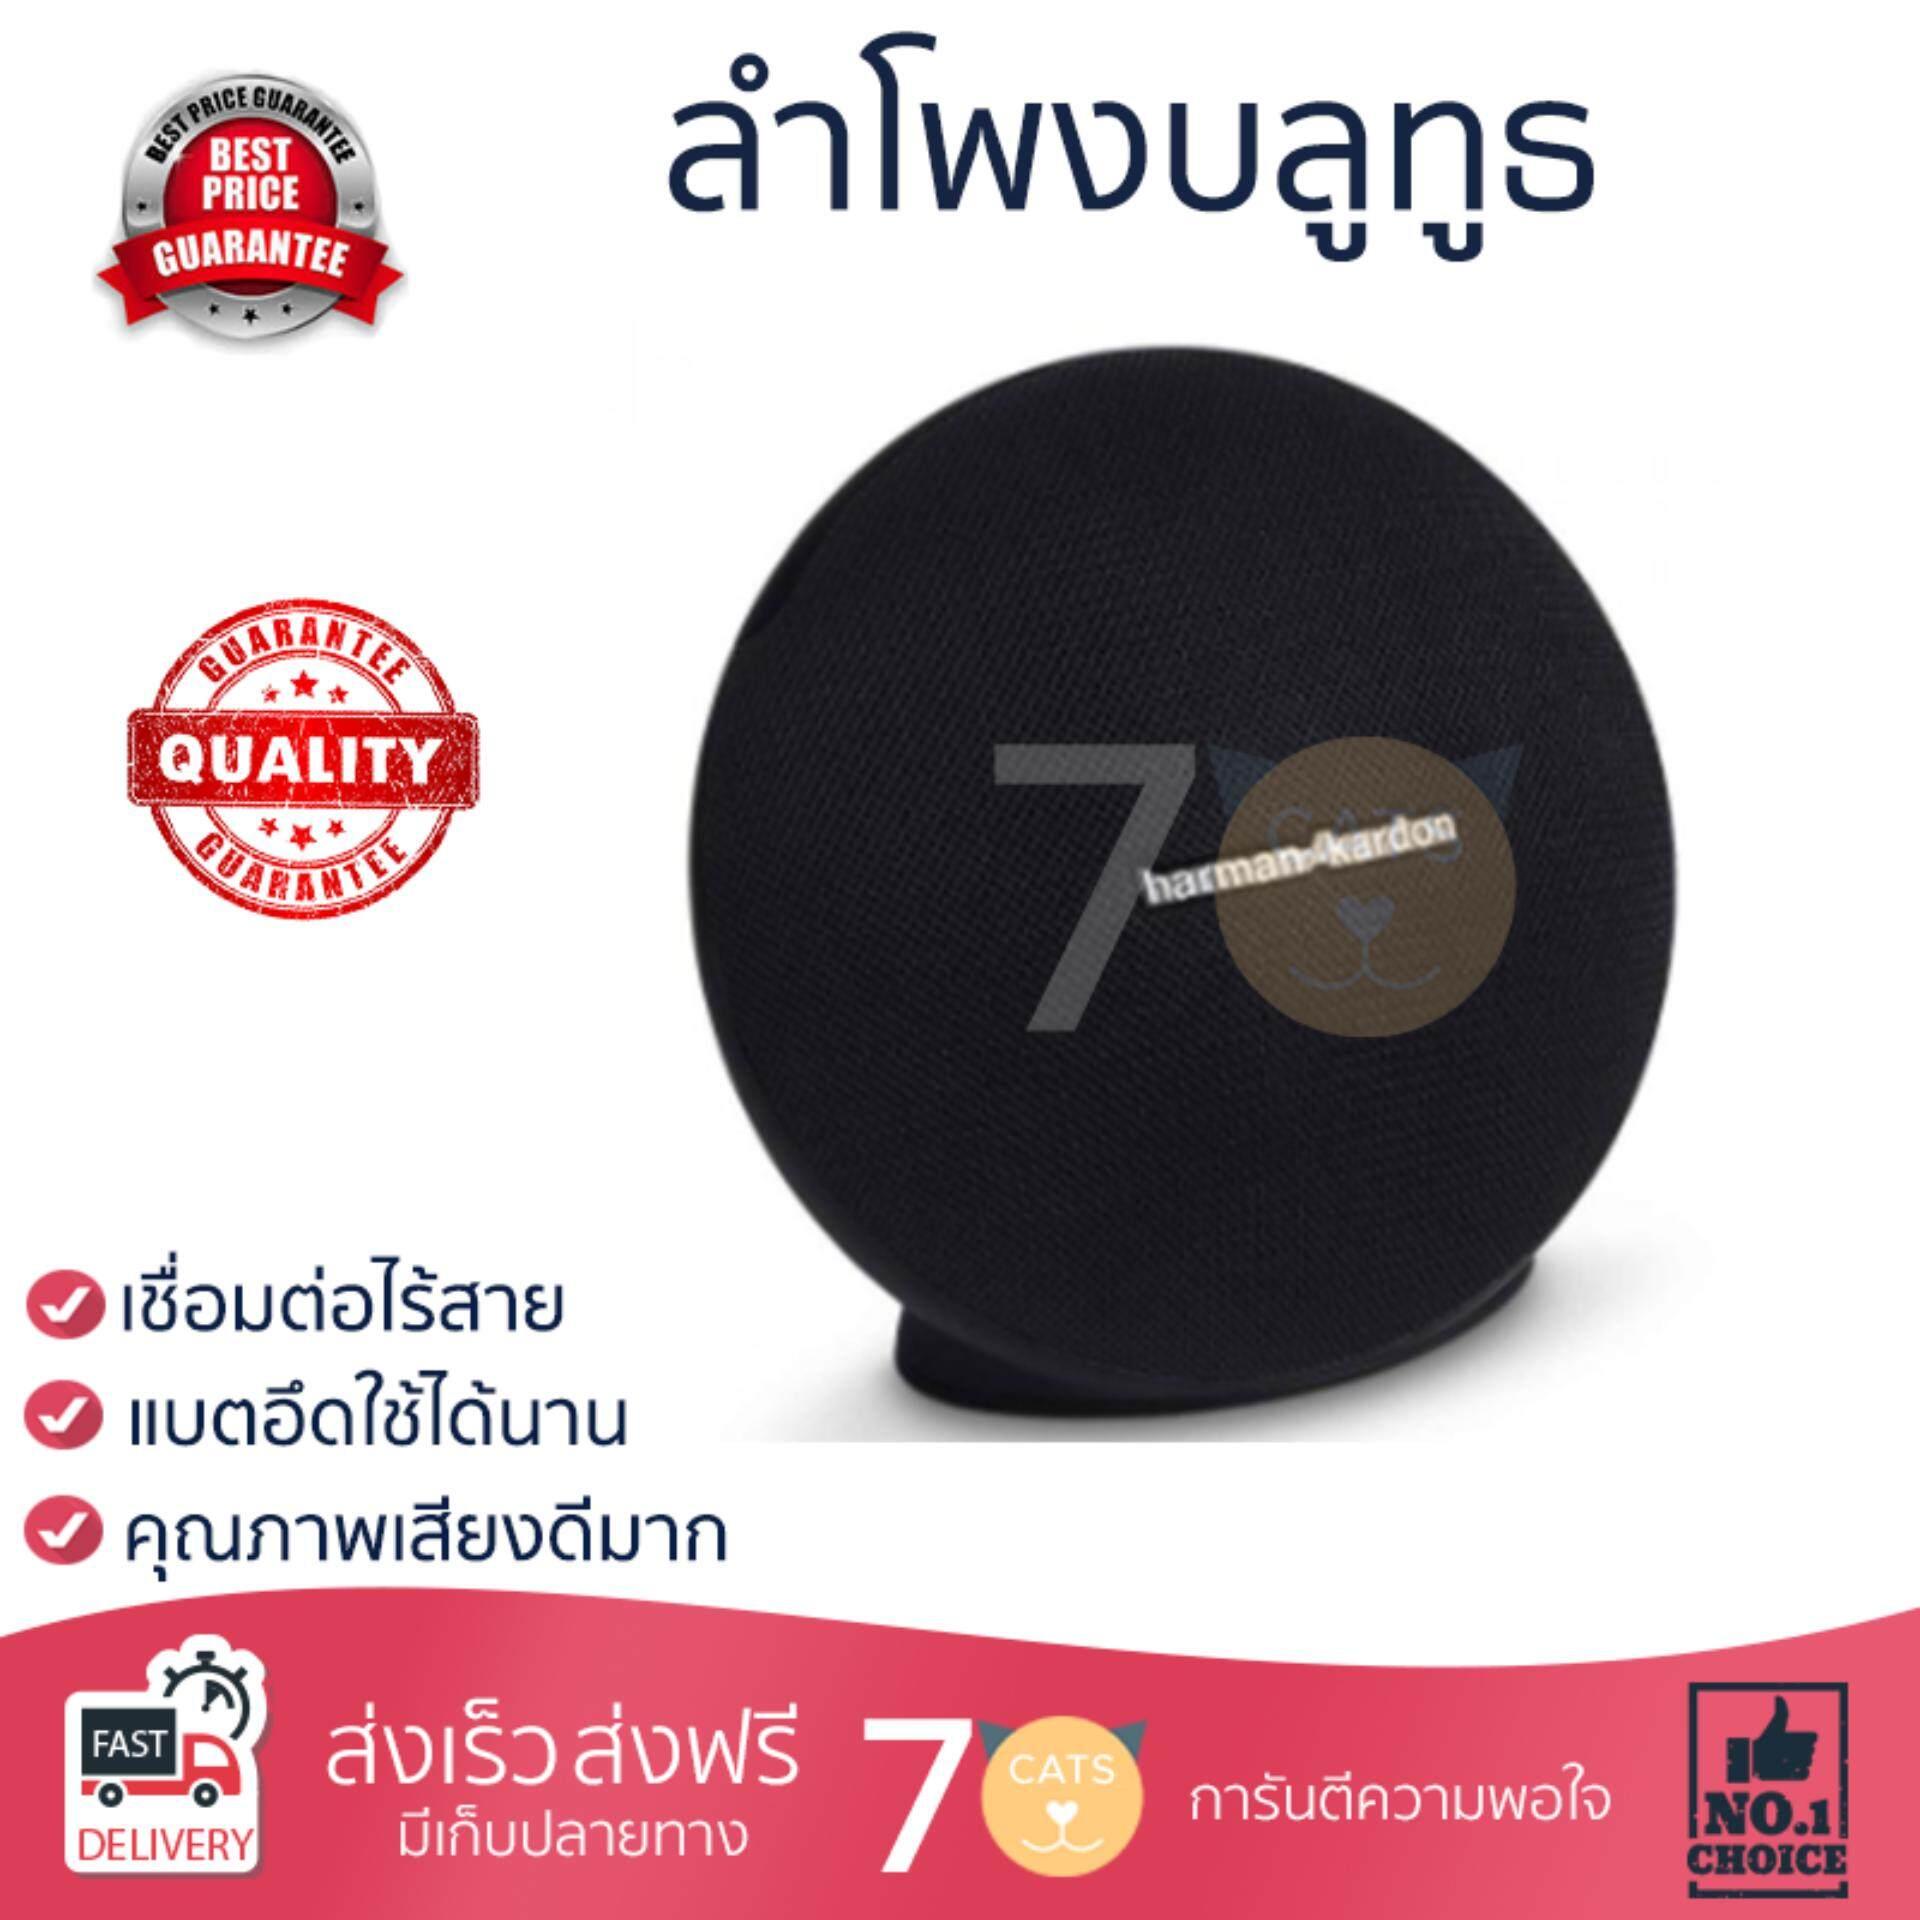 การใช้งาน  กาฬสินธุ์ จัดส่งฟรี ลำโพงบลูทูธ  Harman Kardon Bluetooth Speaker 2.1 Onyx Mini Black เสียงใส คุณภาพเกินตัว Wireless Bluetooth Speaker รับประกัน 1 ปี